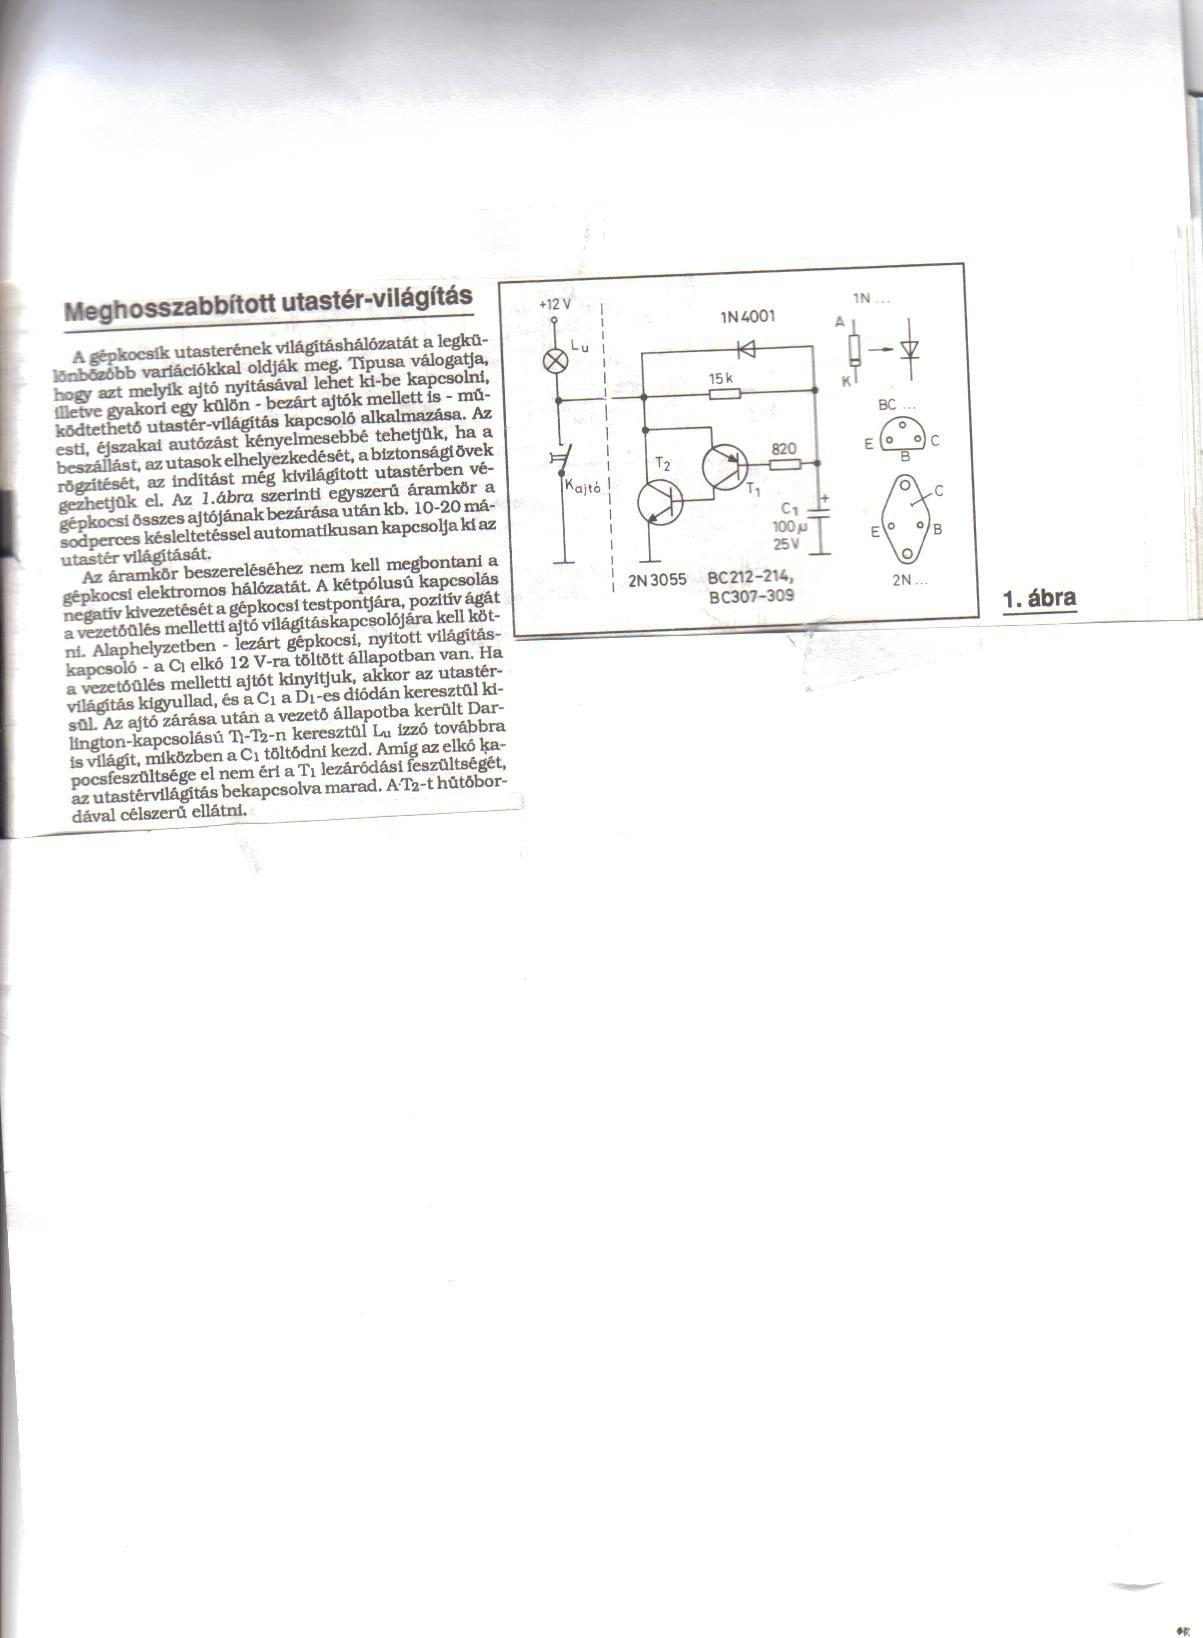 Kapcsolási rajzot keresek - Hobbielektronika.hu - online elektronikai magazin és fórum